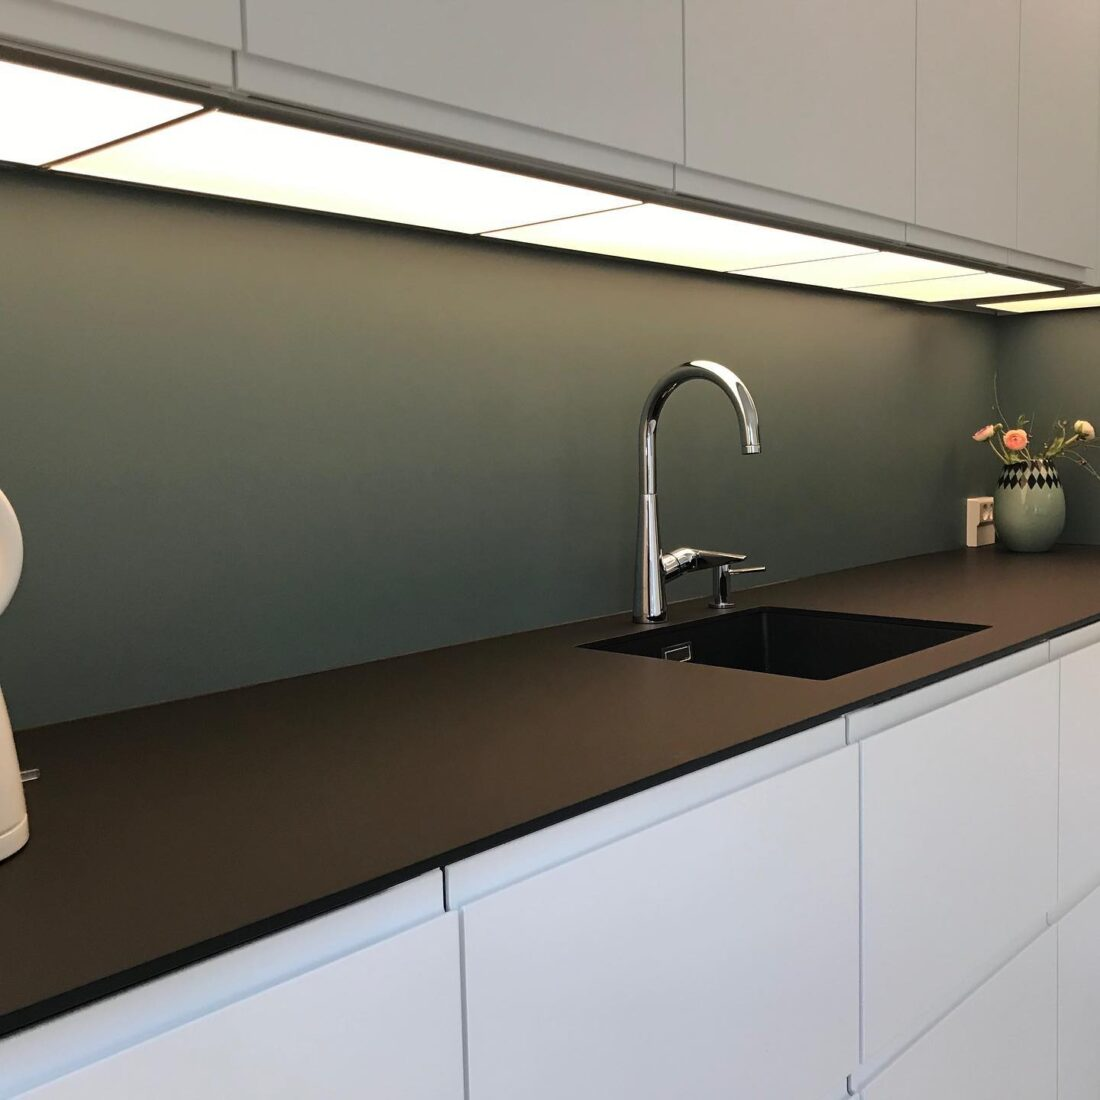 IKEA køkken gjort indbygget og installeret LED lys